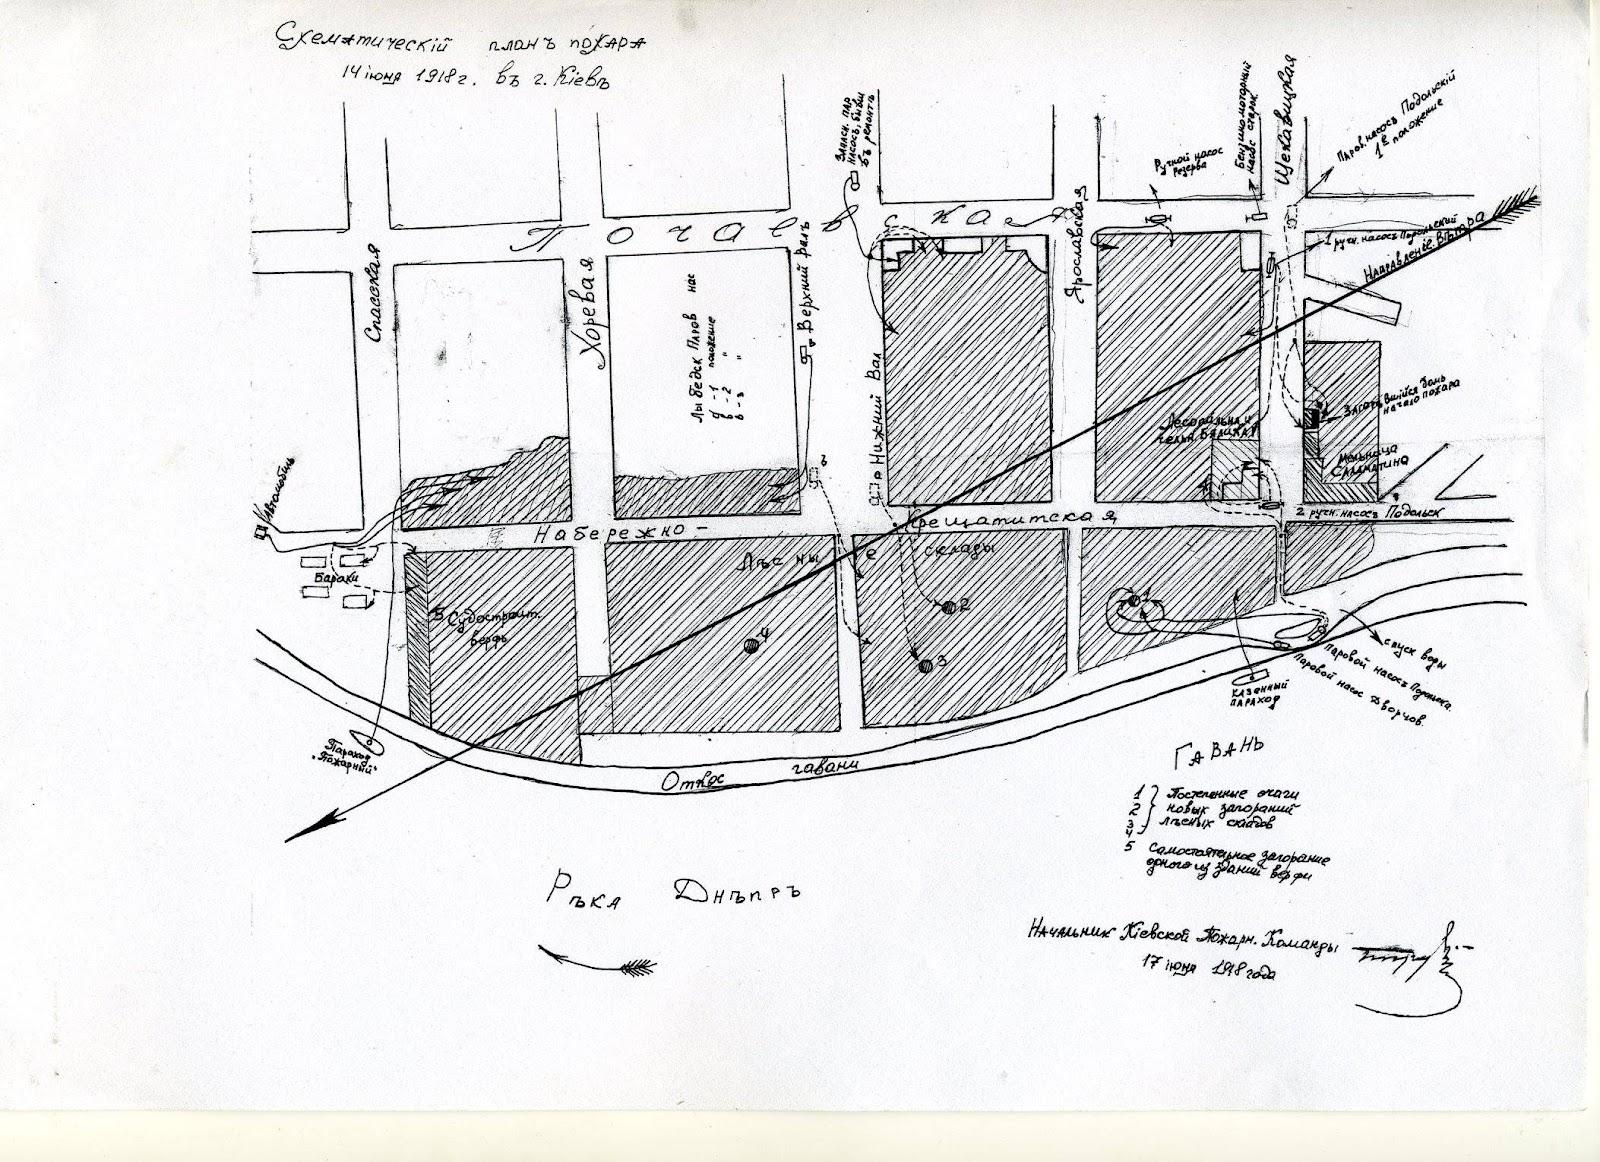 Схематичний план пожежі в Києві 14 червня 1918 року з відмітками кількох місць нових загорянь